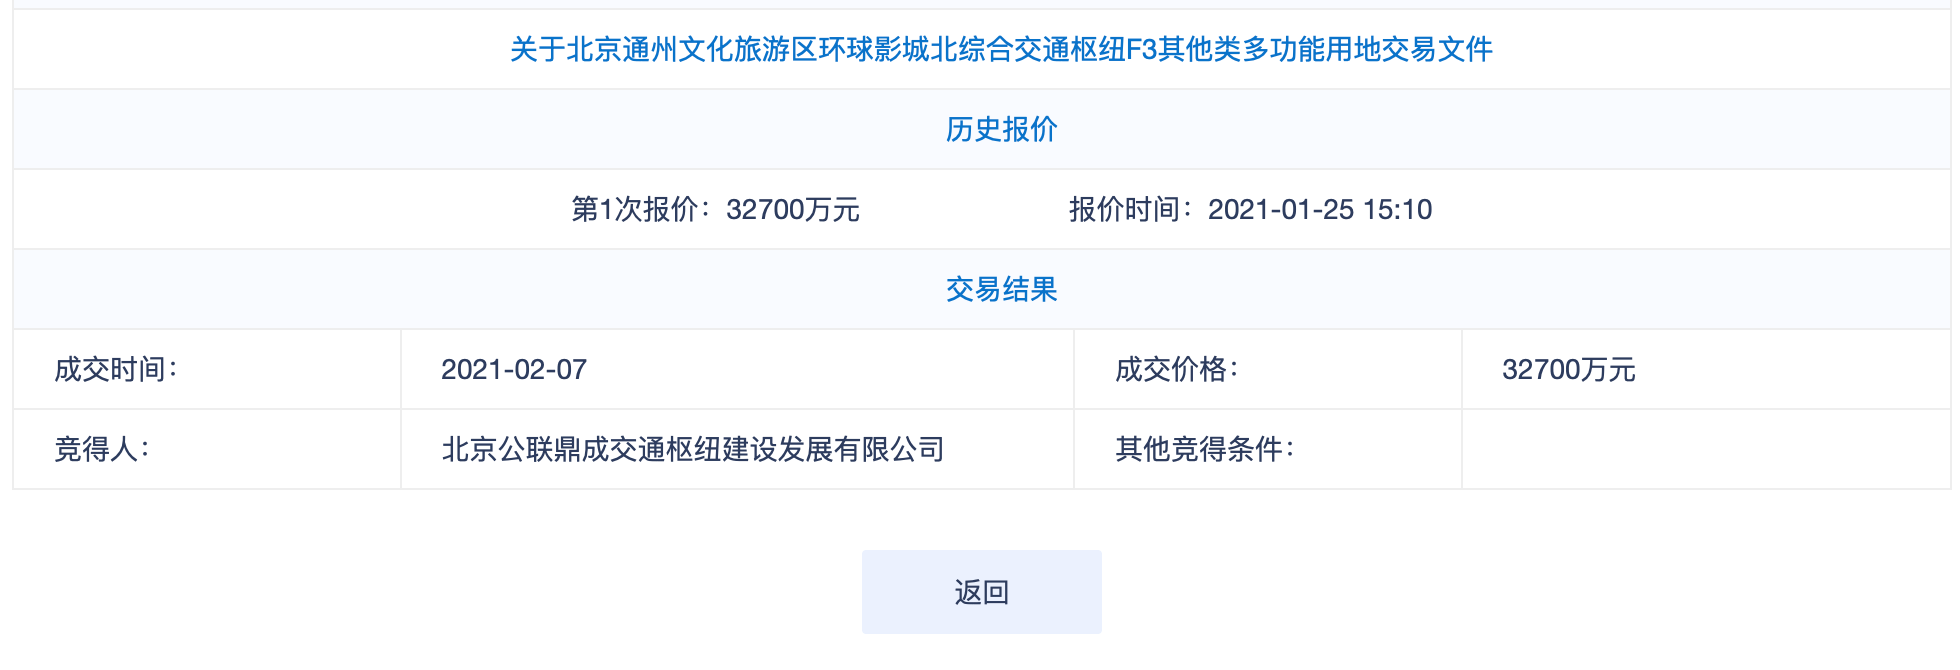 天顺测速:首发集团3.27亿底价摘通州环球影城北F3商业用地|土拍快讯_北京